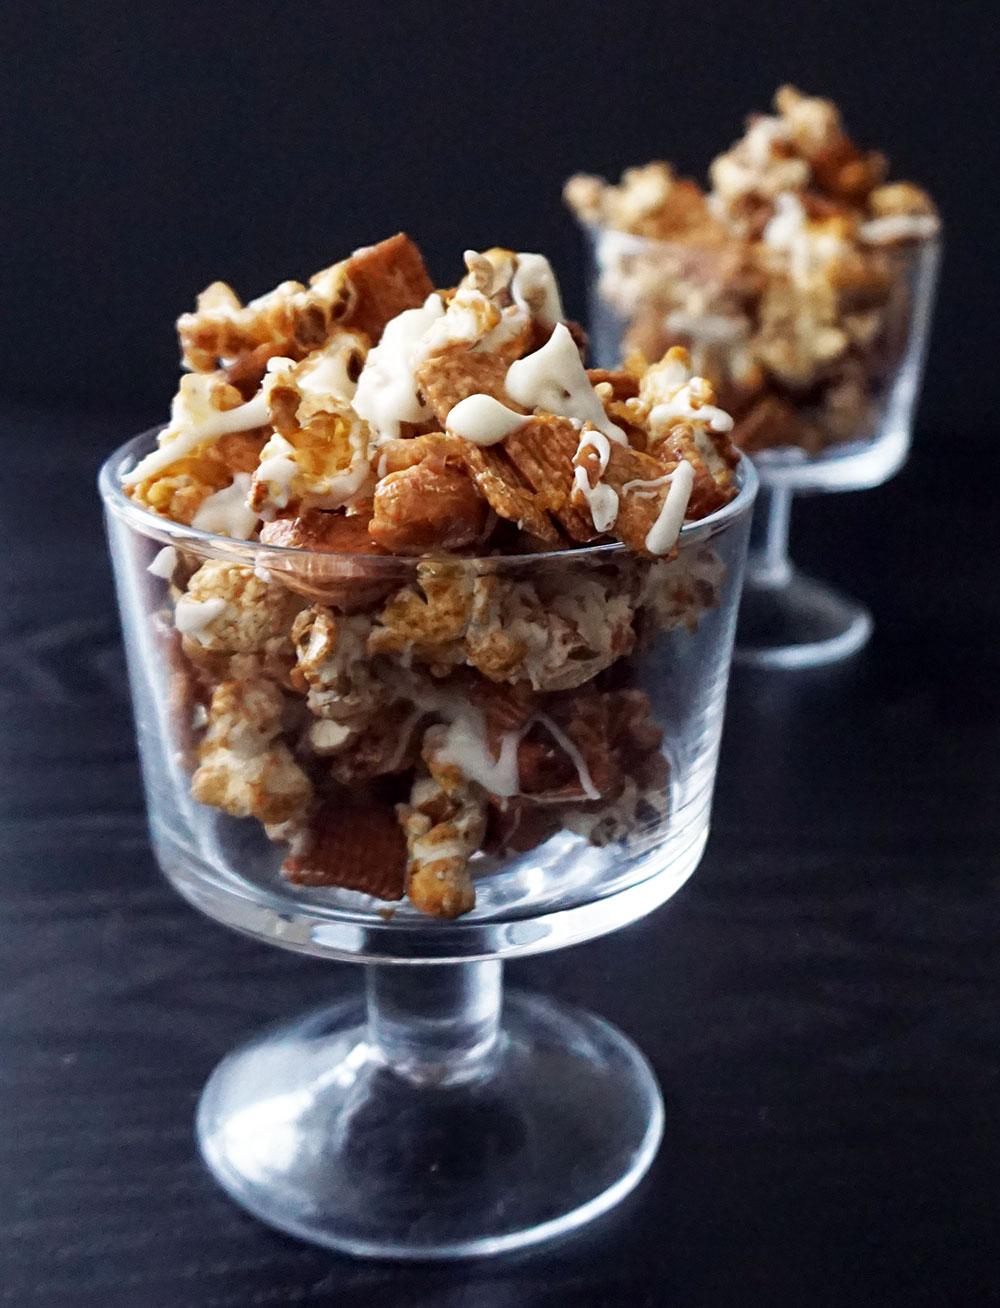 Cinnamon toast popcorn from @bijouxandbits